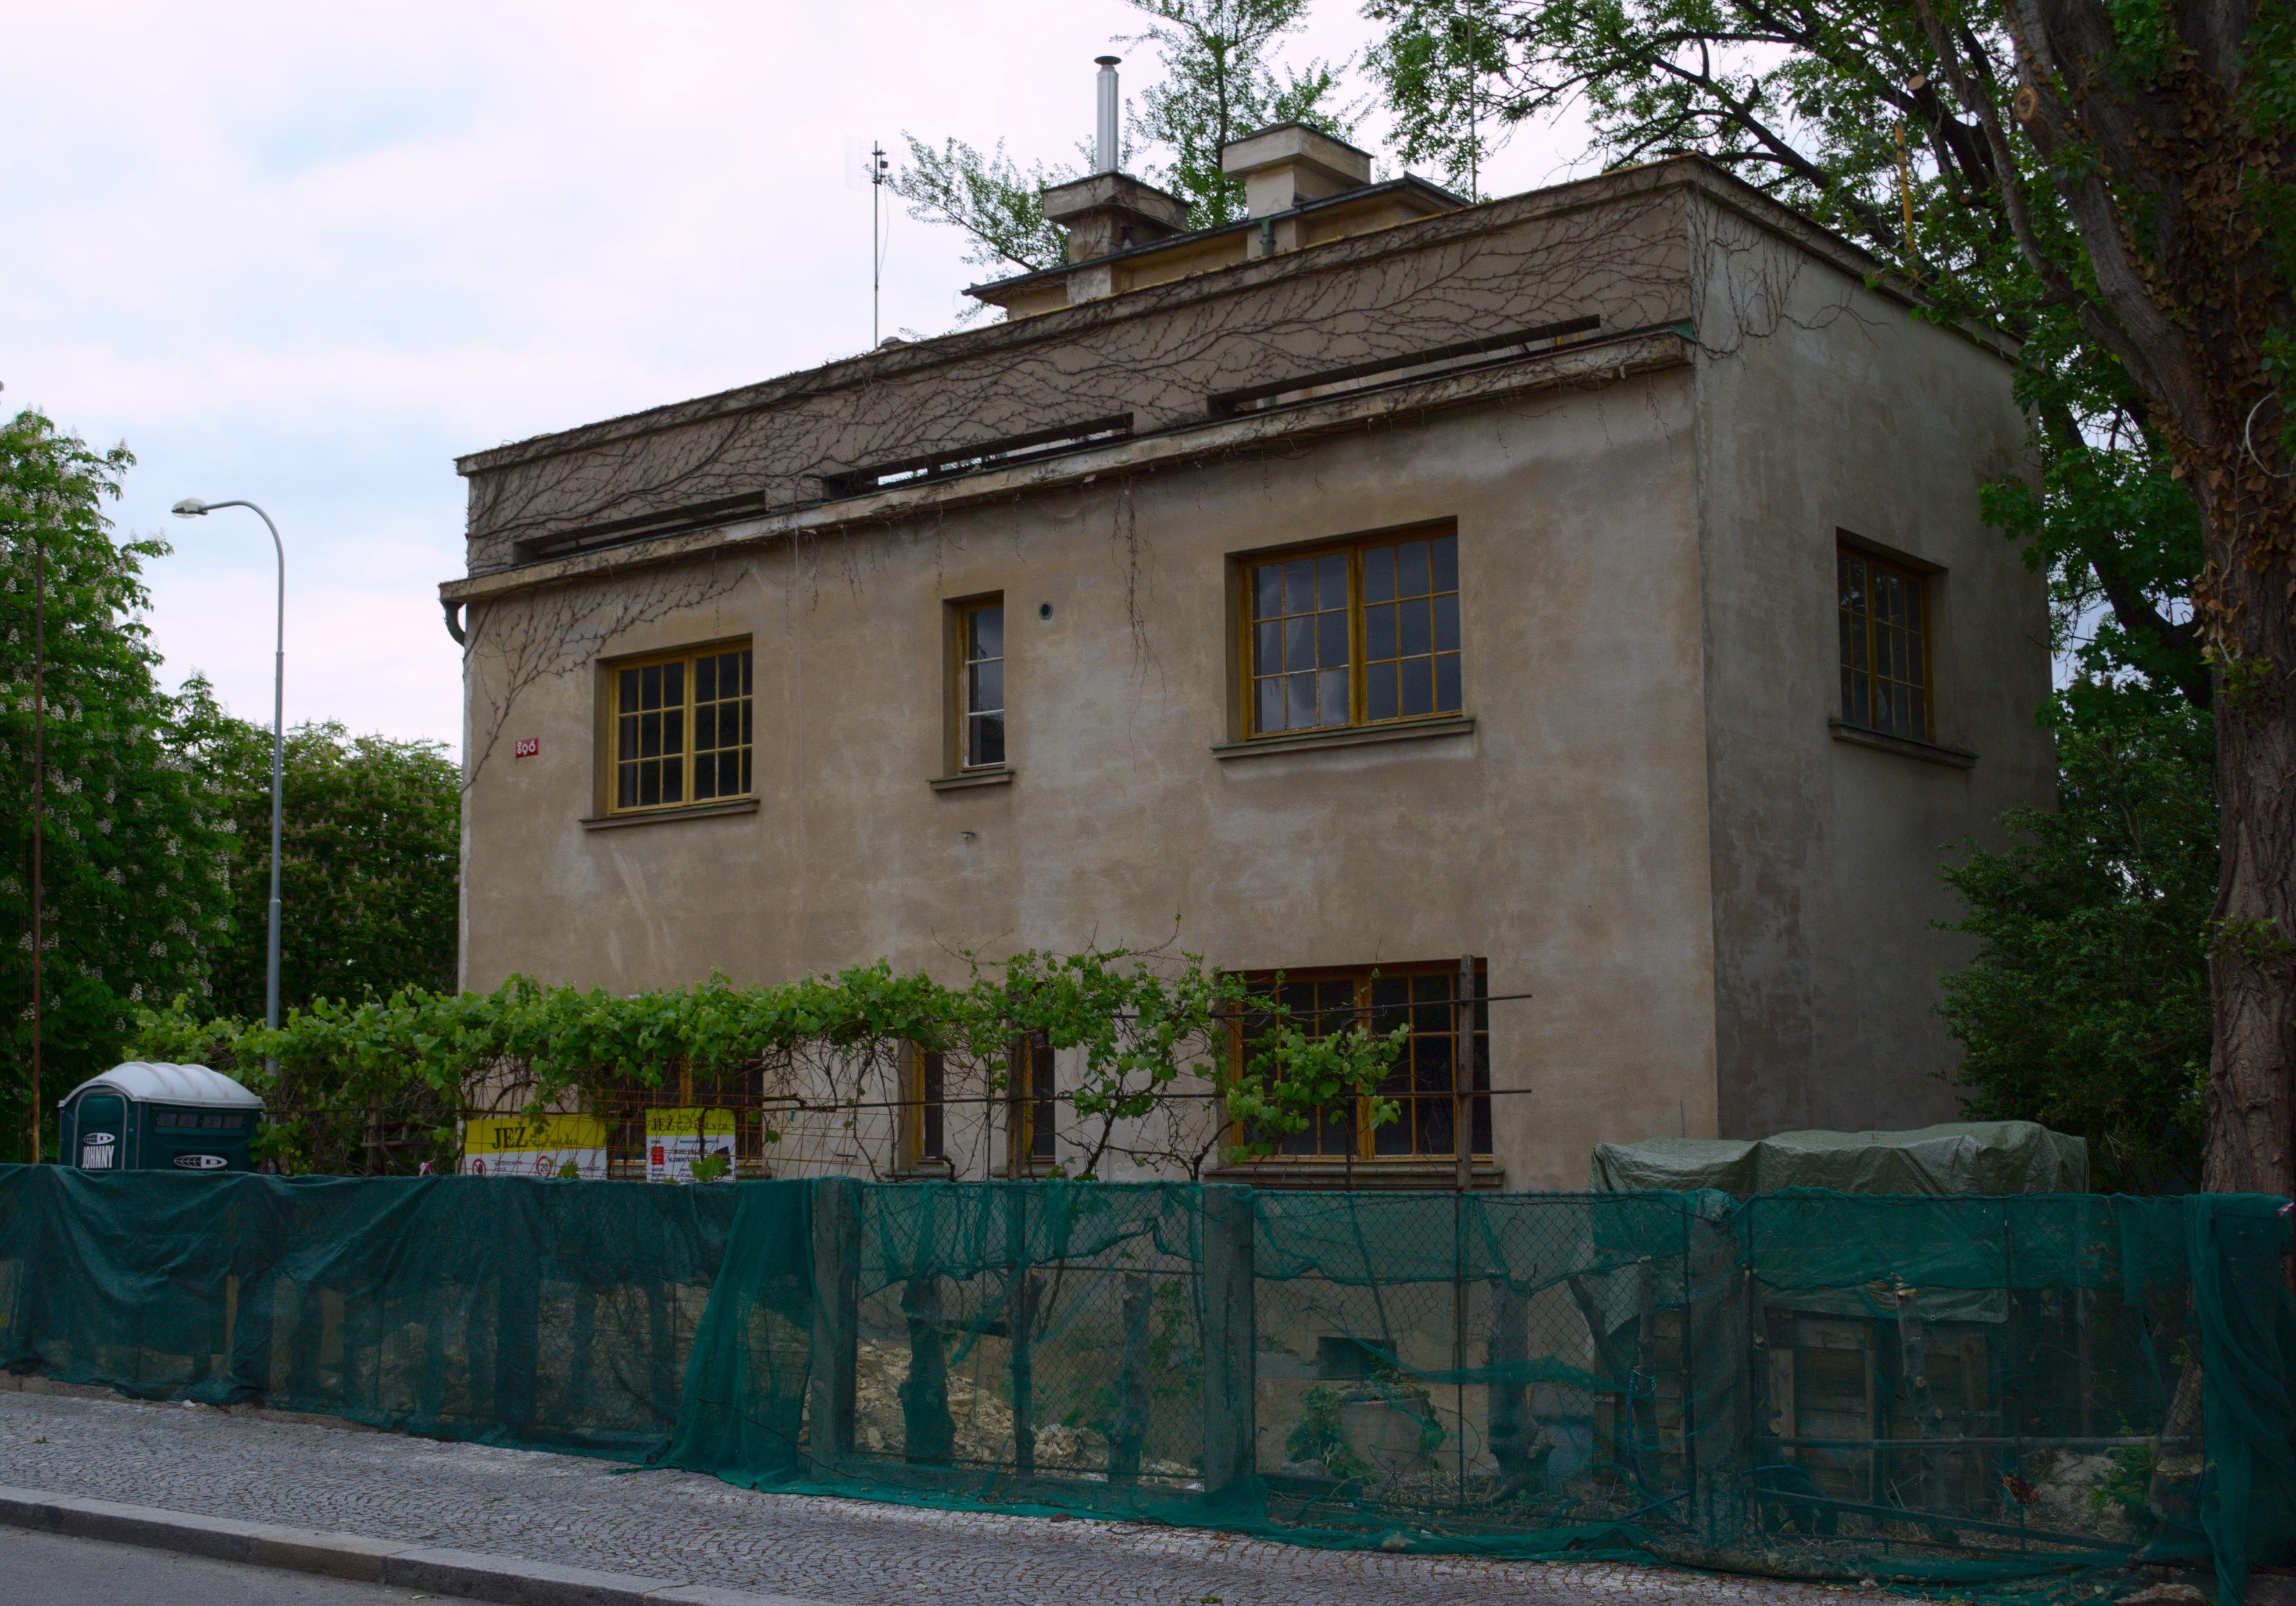 Vila architekta Otto Rothmayera, U Páté baterie 896/50, Praha-Břevnov (zdroj: Wikipedie, autor foto: Sefjo)